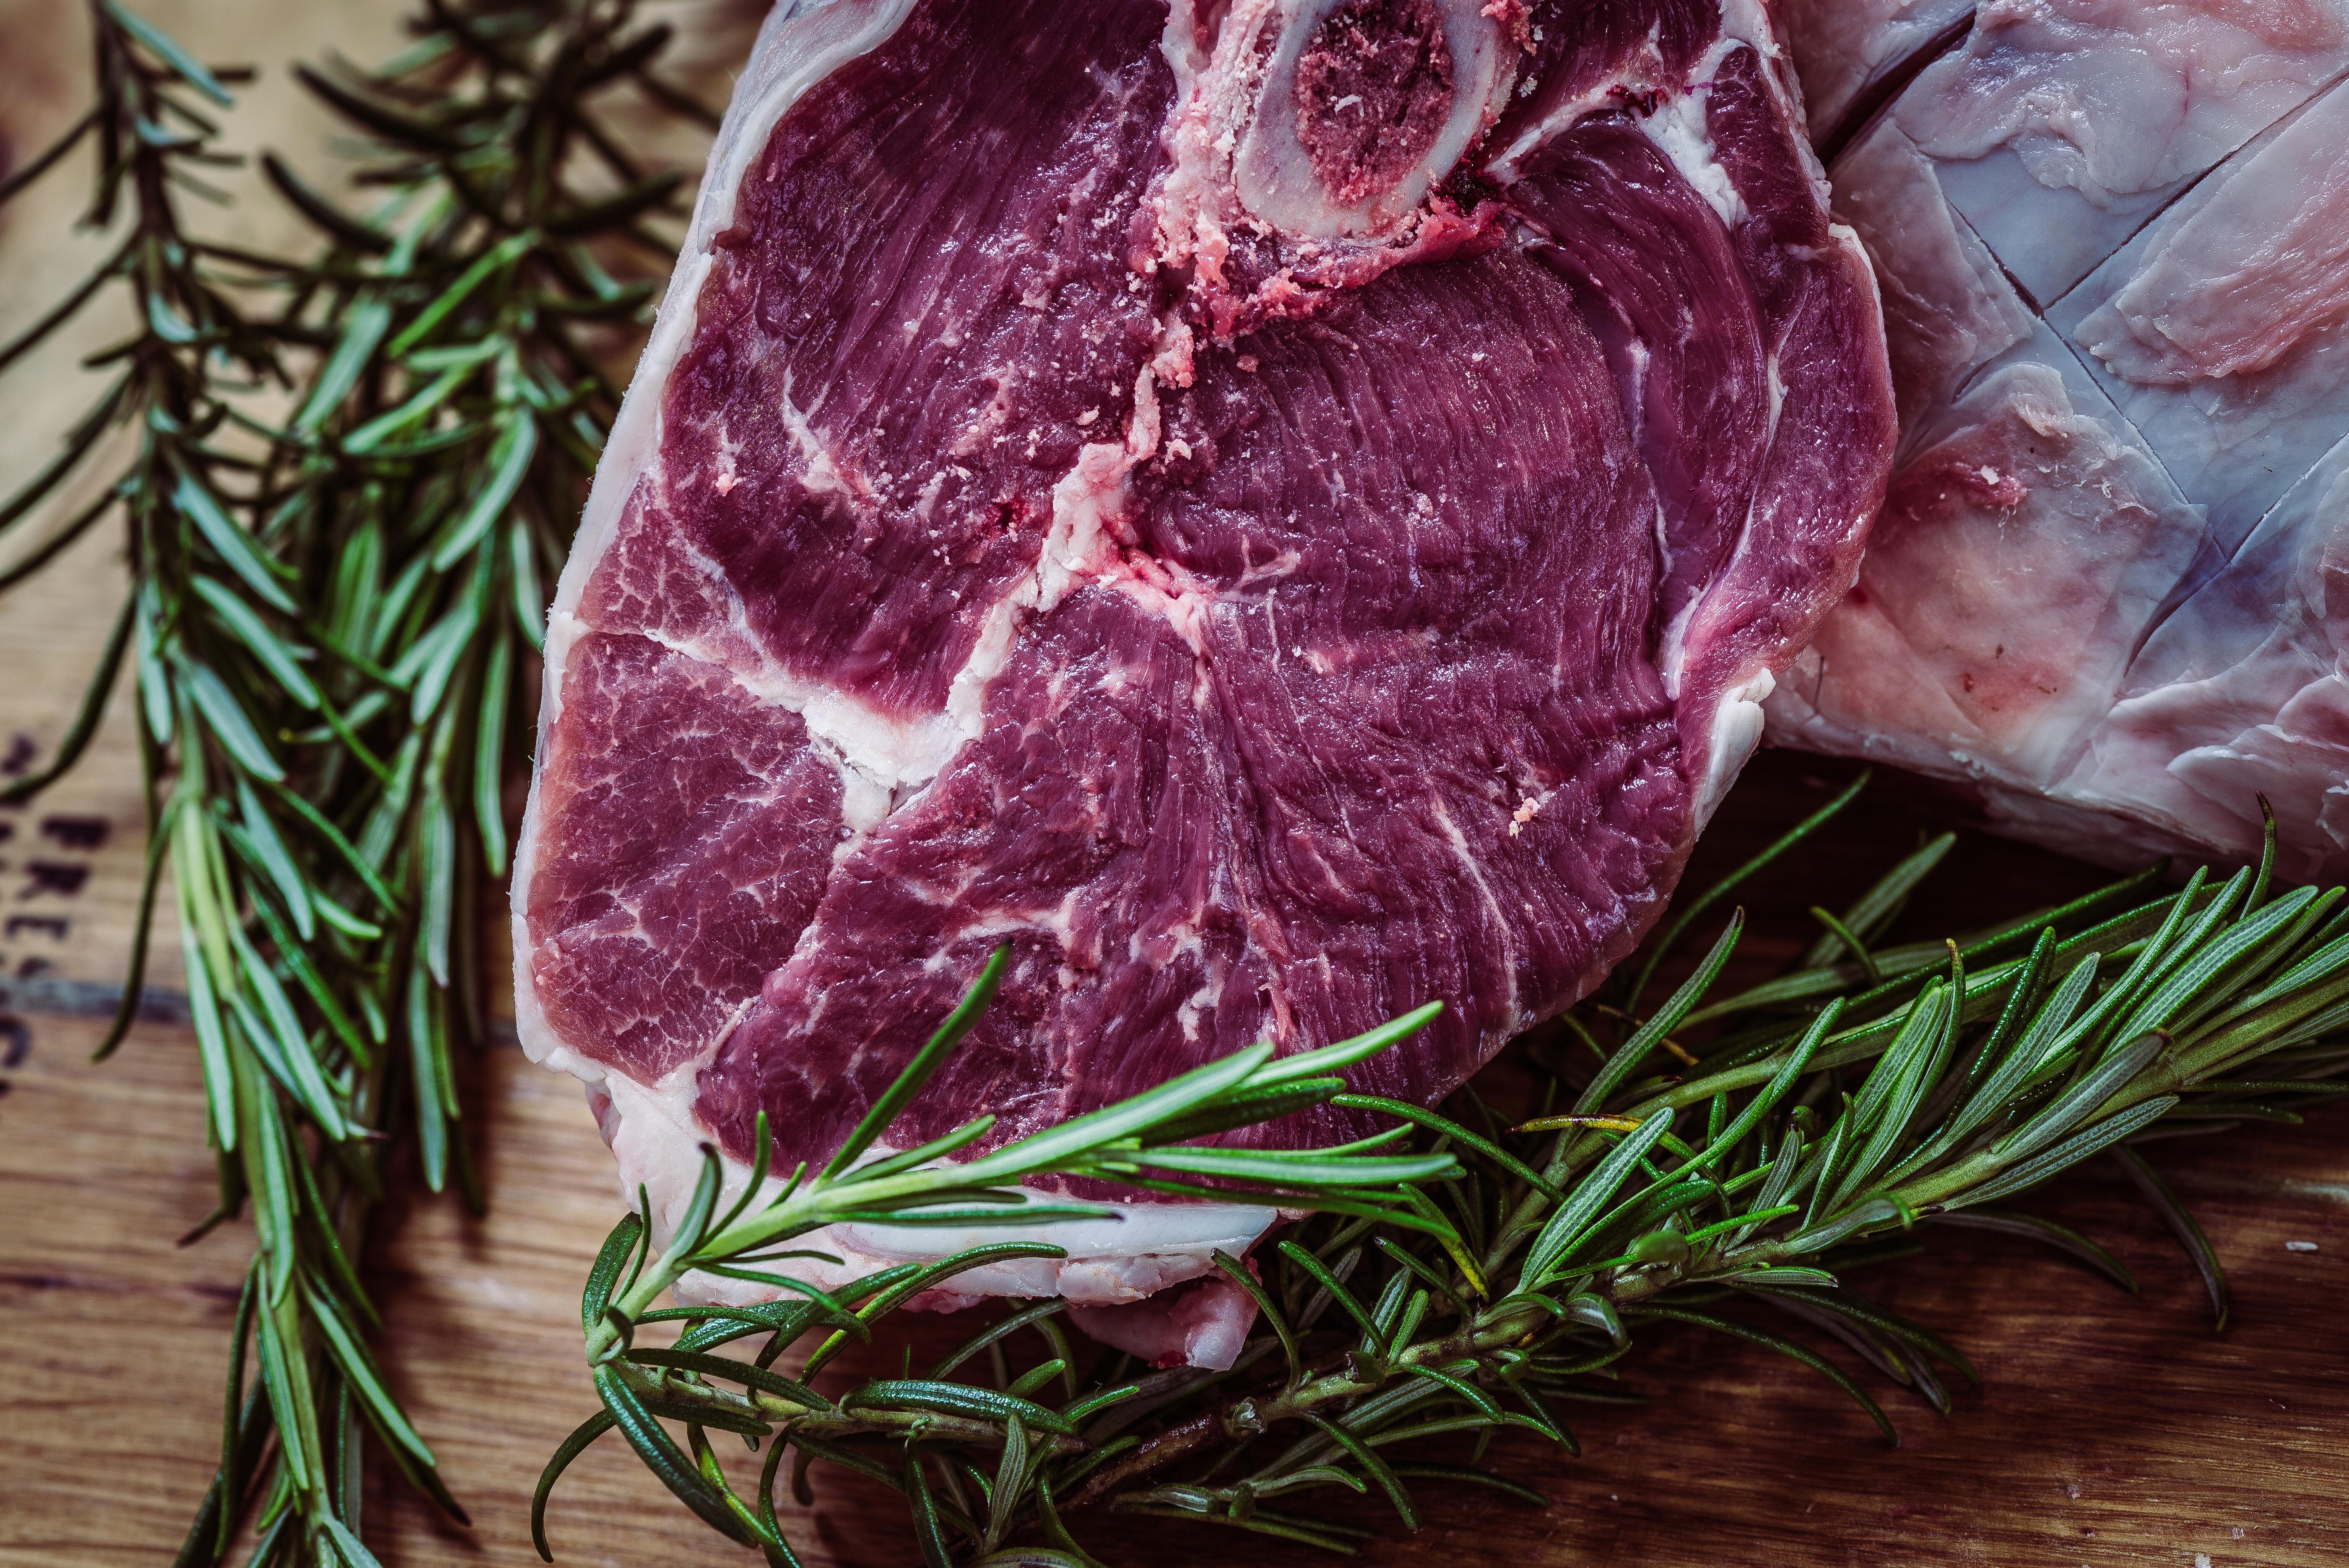 Carne rossa uso e abuso: ecco tutto quello che c'è da sapere